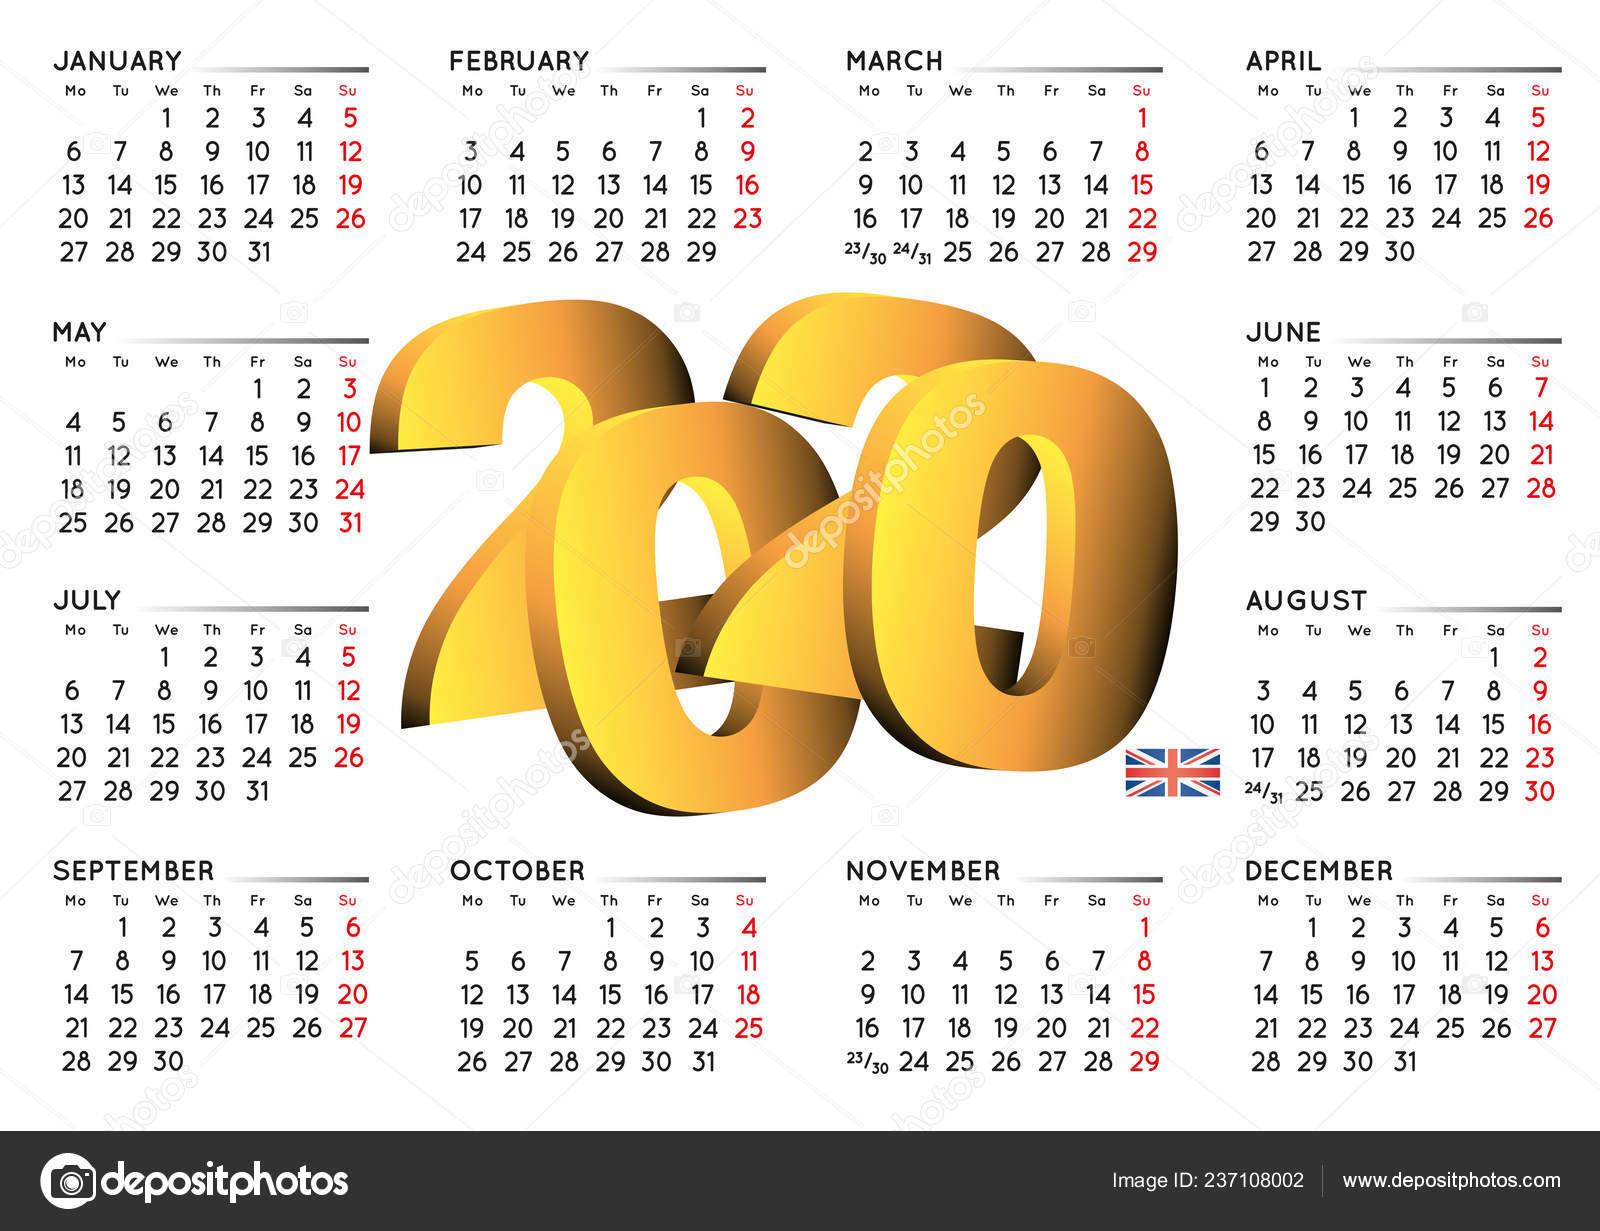 Settimane Calendario 2020.2020 Calendario Inglese Calendario Anno 2020 Calendario 2020